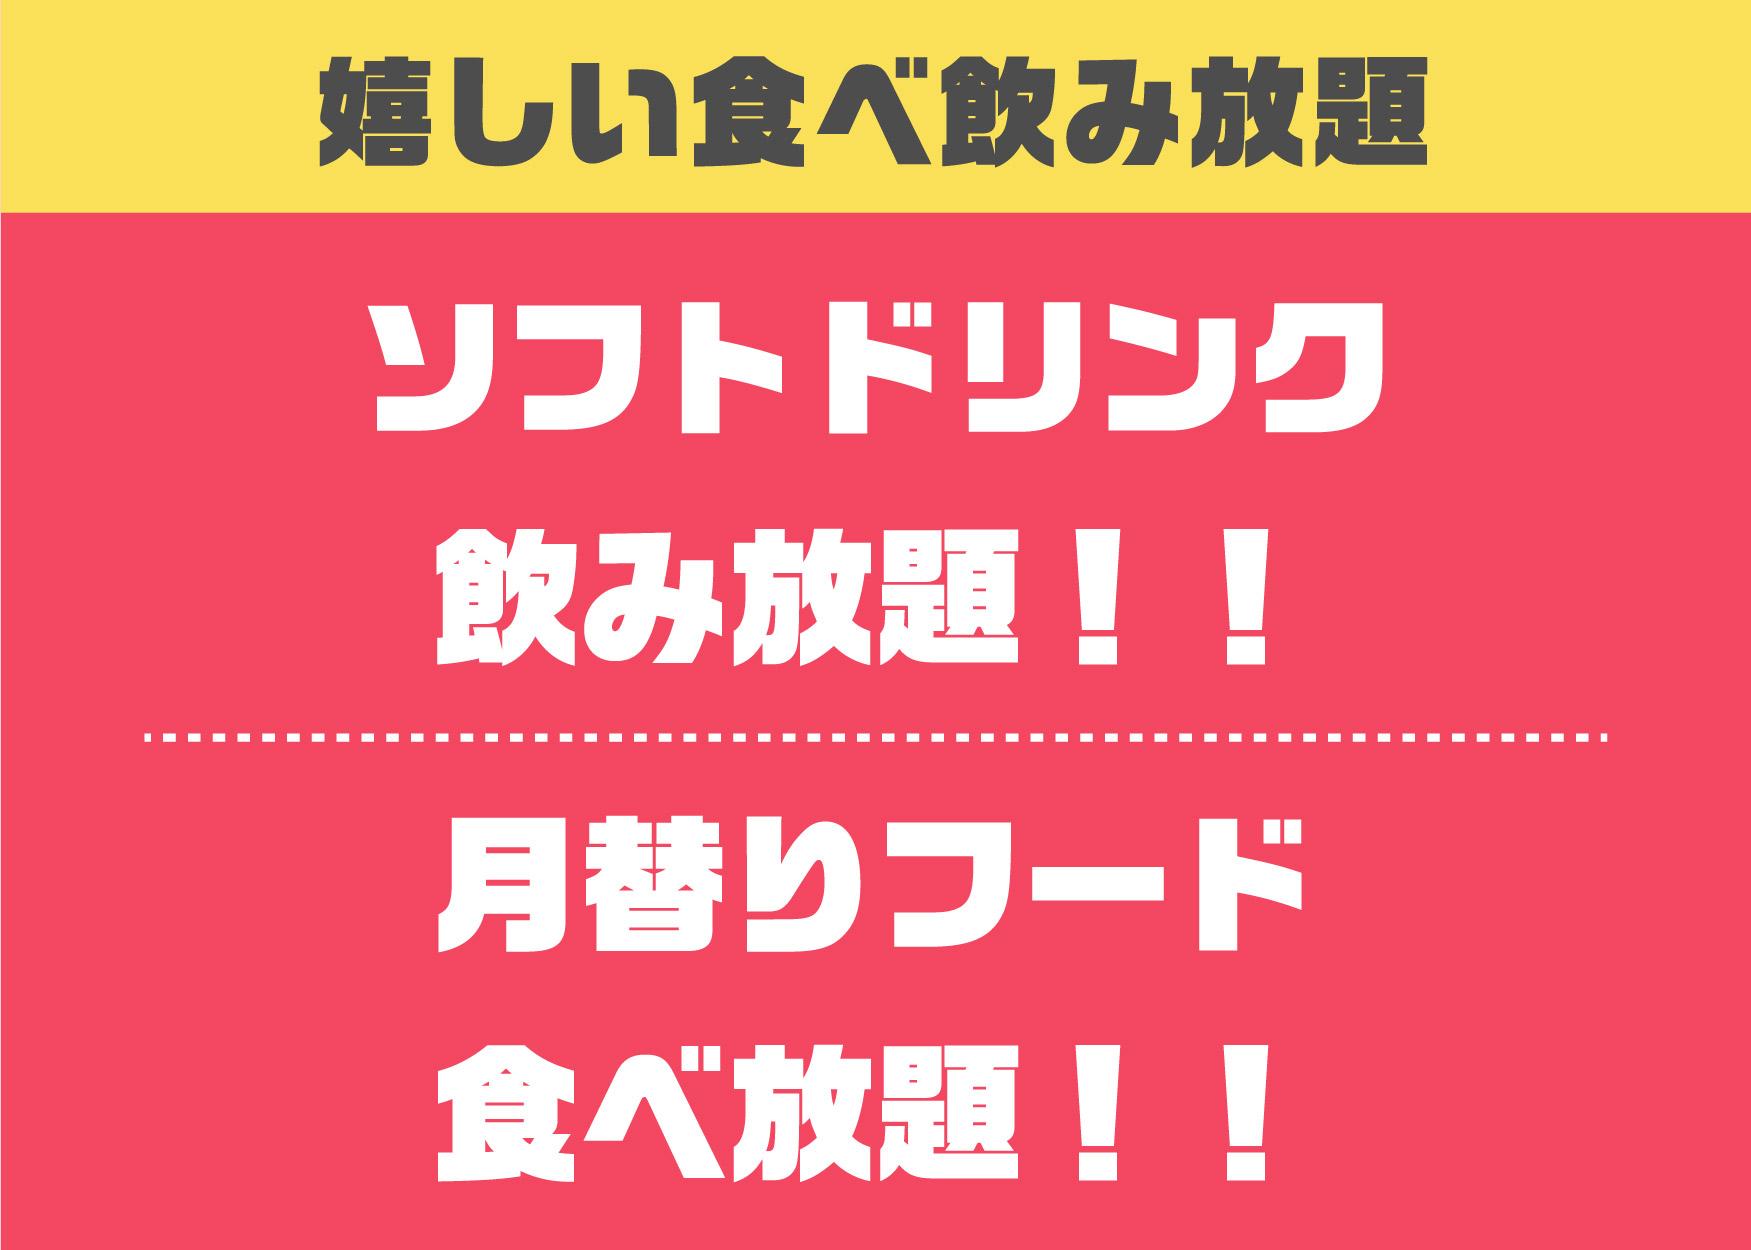 アルコールALL500円 カレー食べ放題無料